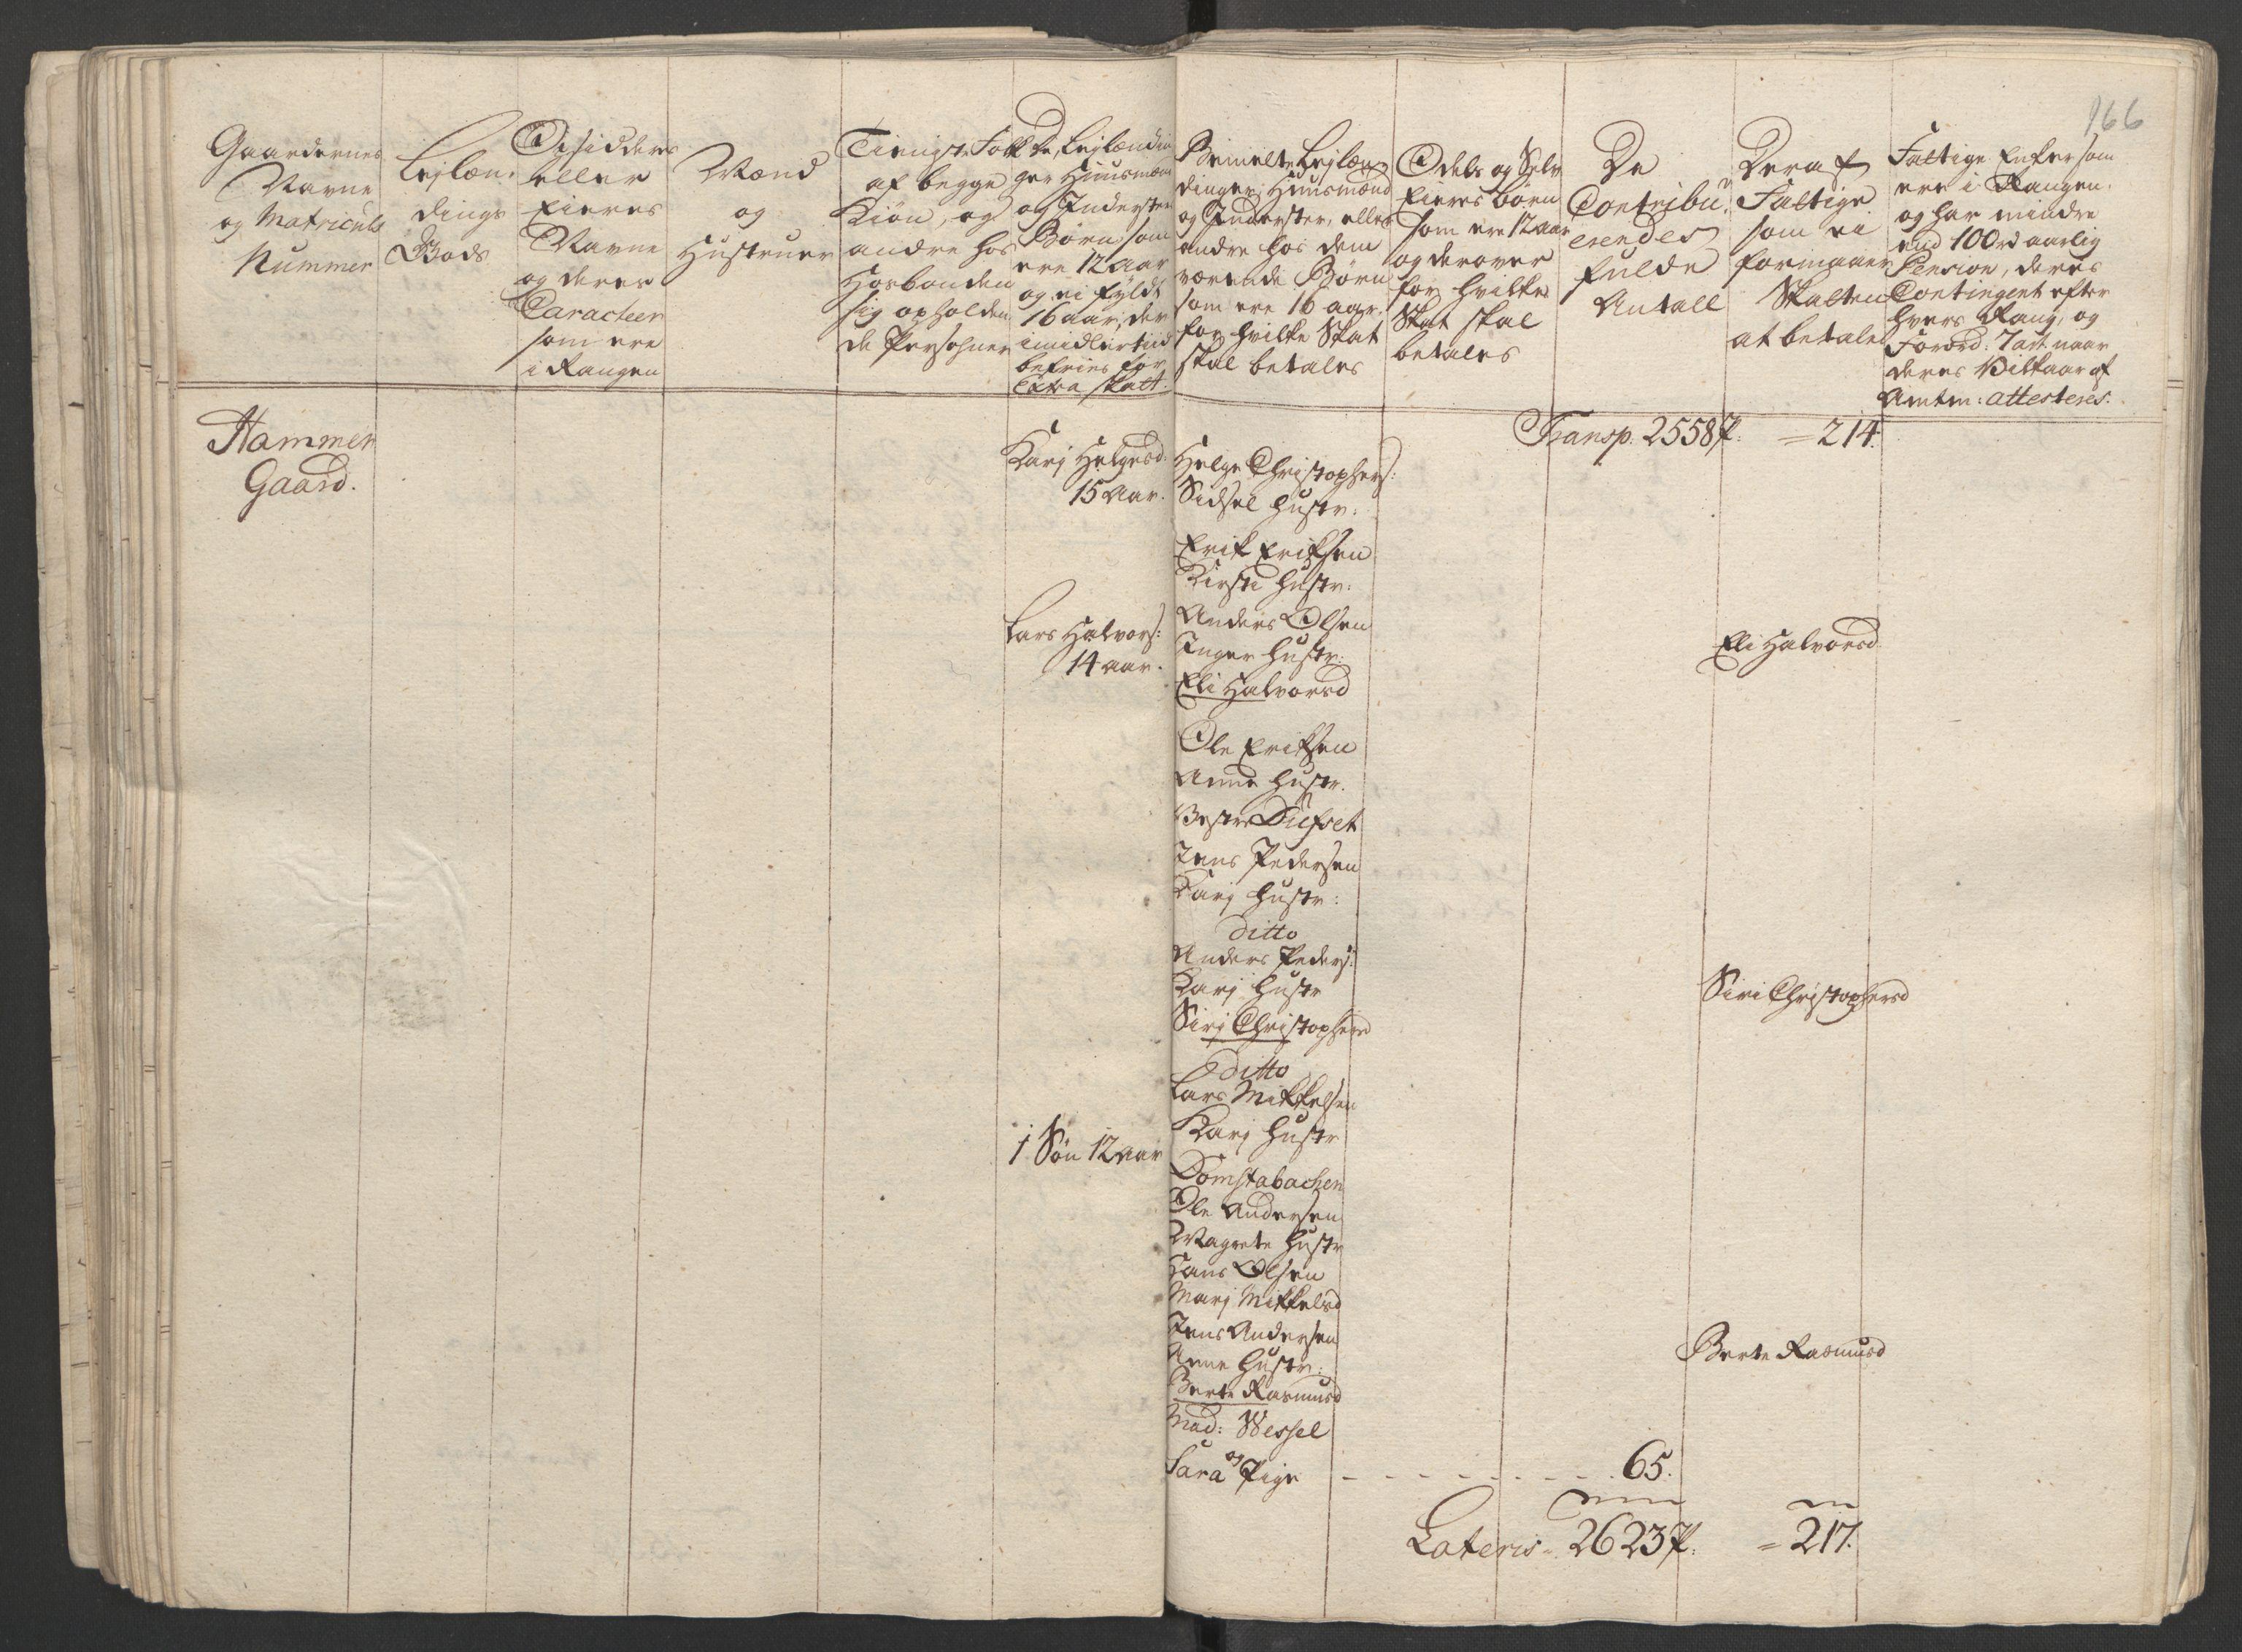 RA, Rentekammeret inntil 1814, Reviderte regnskaper, Fogderegnskap, R16/L1147: Ekstraskatten Hedmark, 1763-1764, s. 304